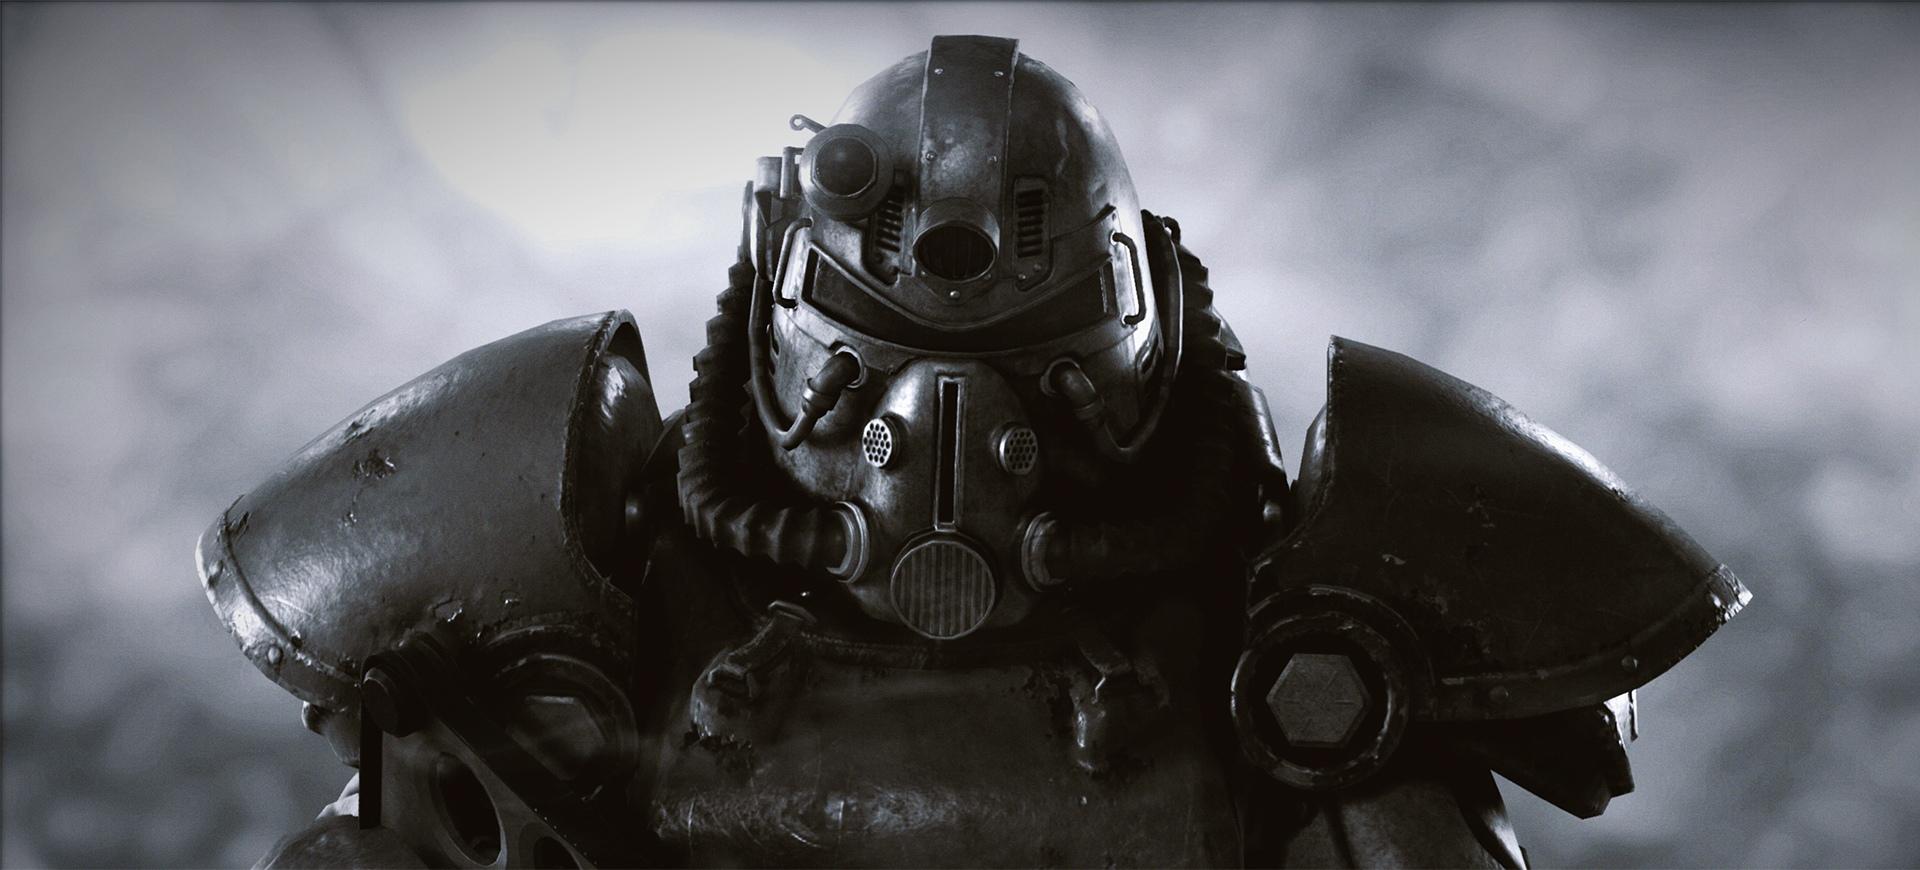 Вчера были объявлены подробности о закрытом бета тесте Fallout76 и в сторону разработчиков посыпались гневные отзывы.